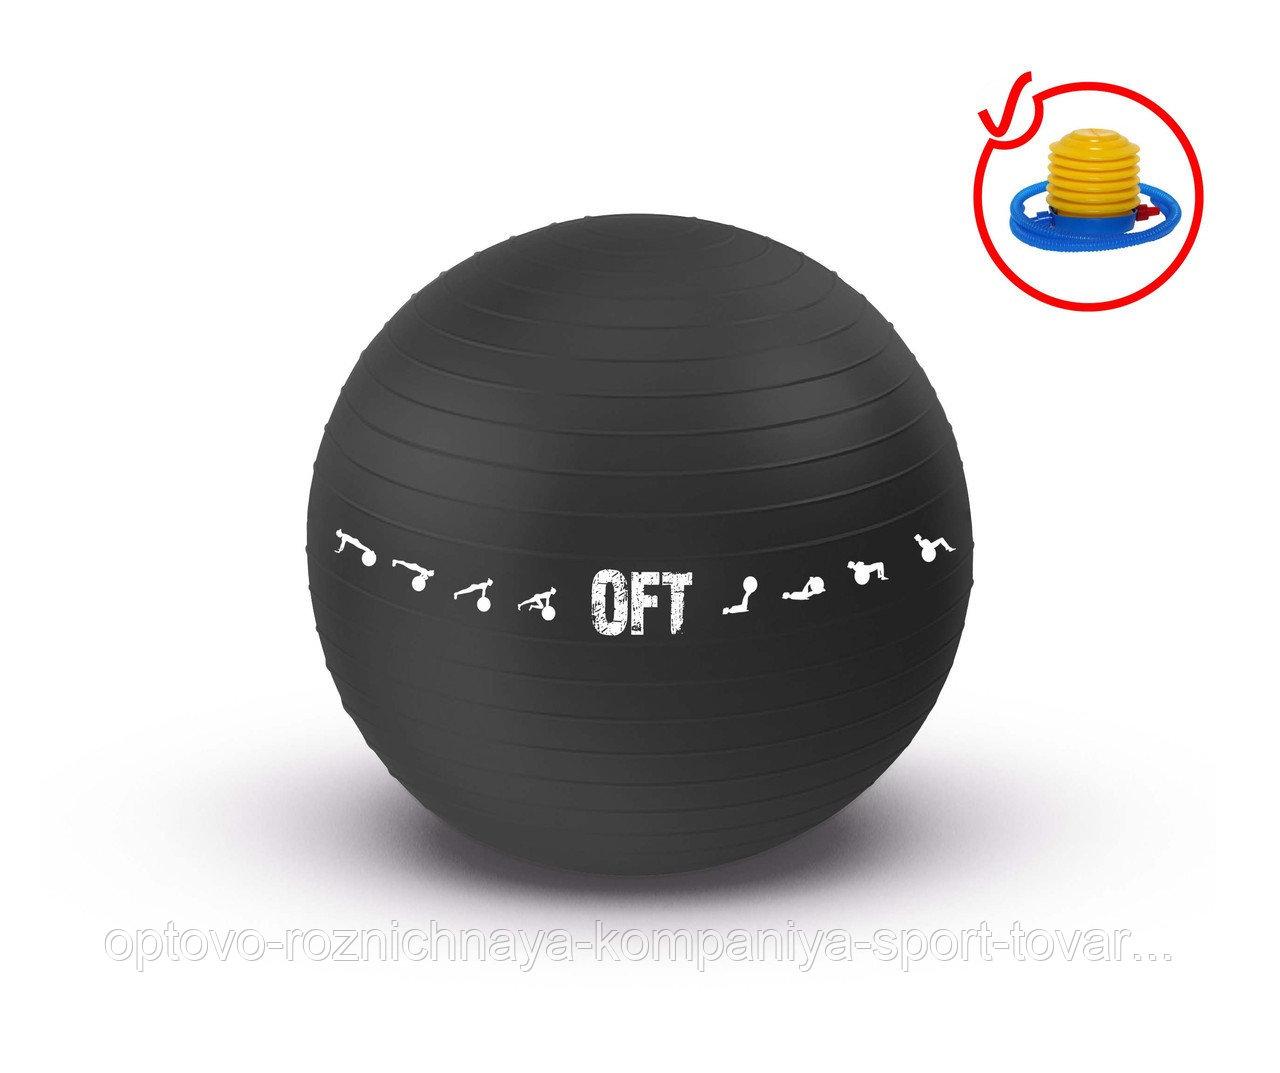 Гимнастический мяч 75 см для коммерческого использования черный (FT-GBPRO-75BK)